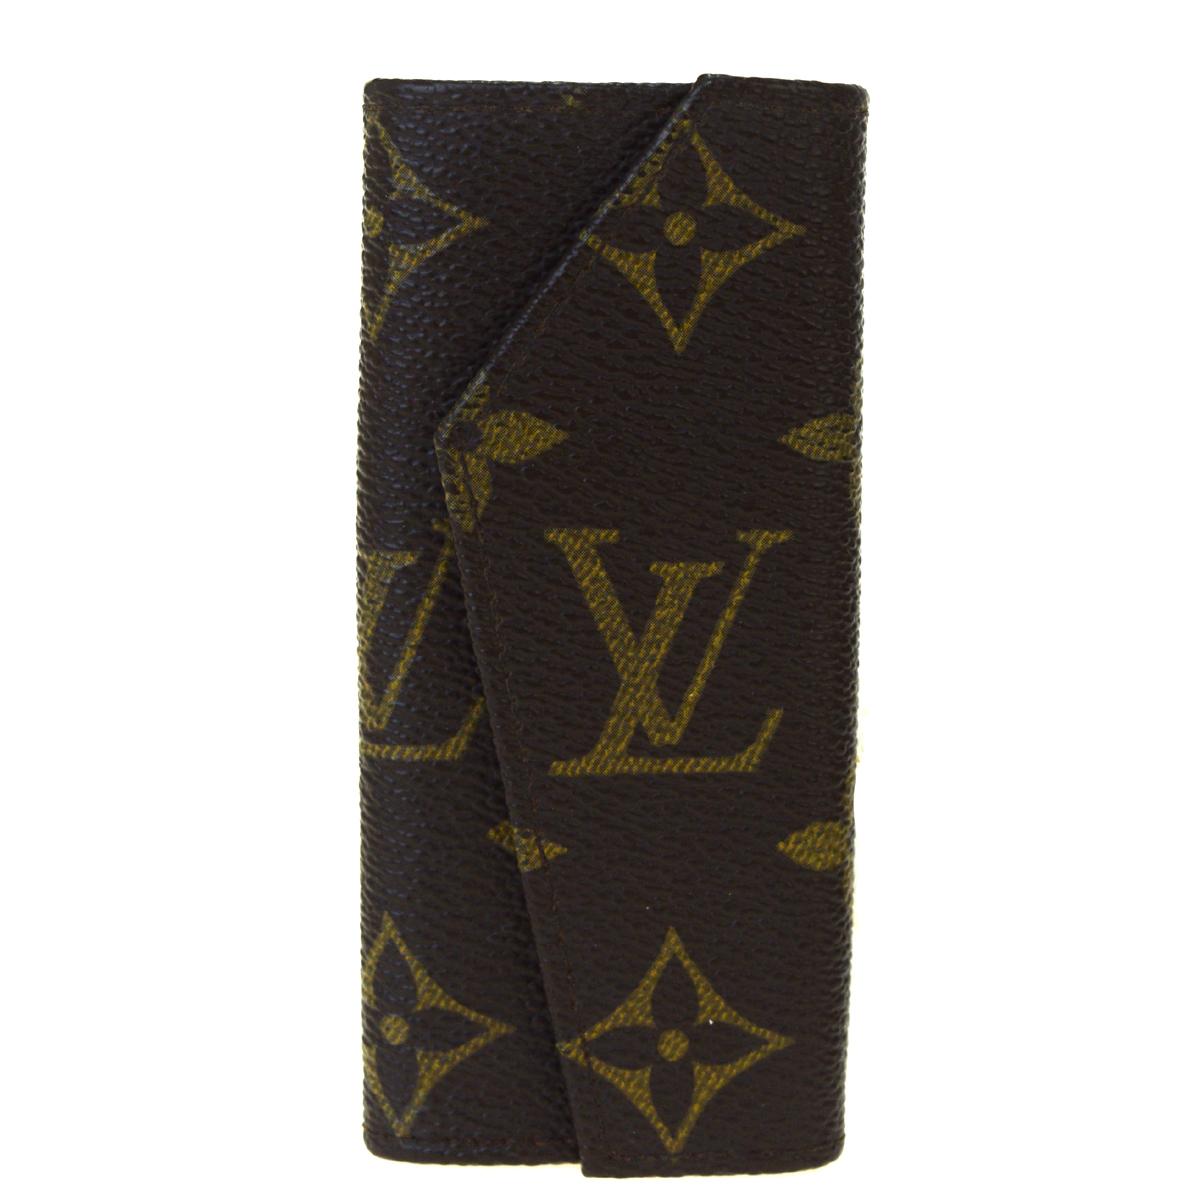 【中古】 ルイ・ヴィトン(Louis Vuitton) モノグラム モノグラム キーケース ブラウン 08FA539